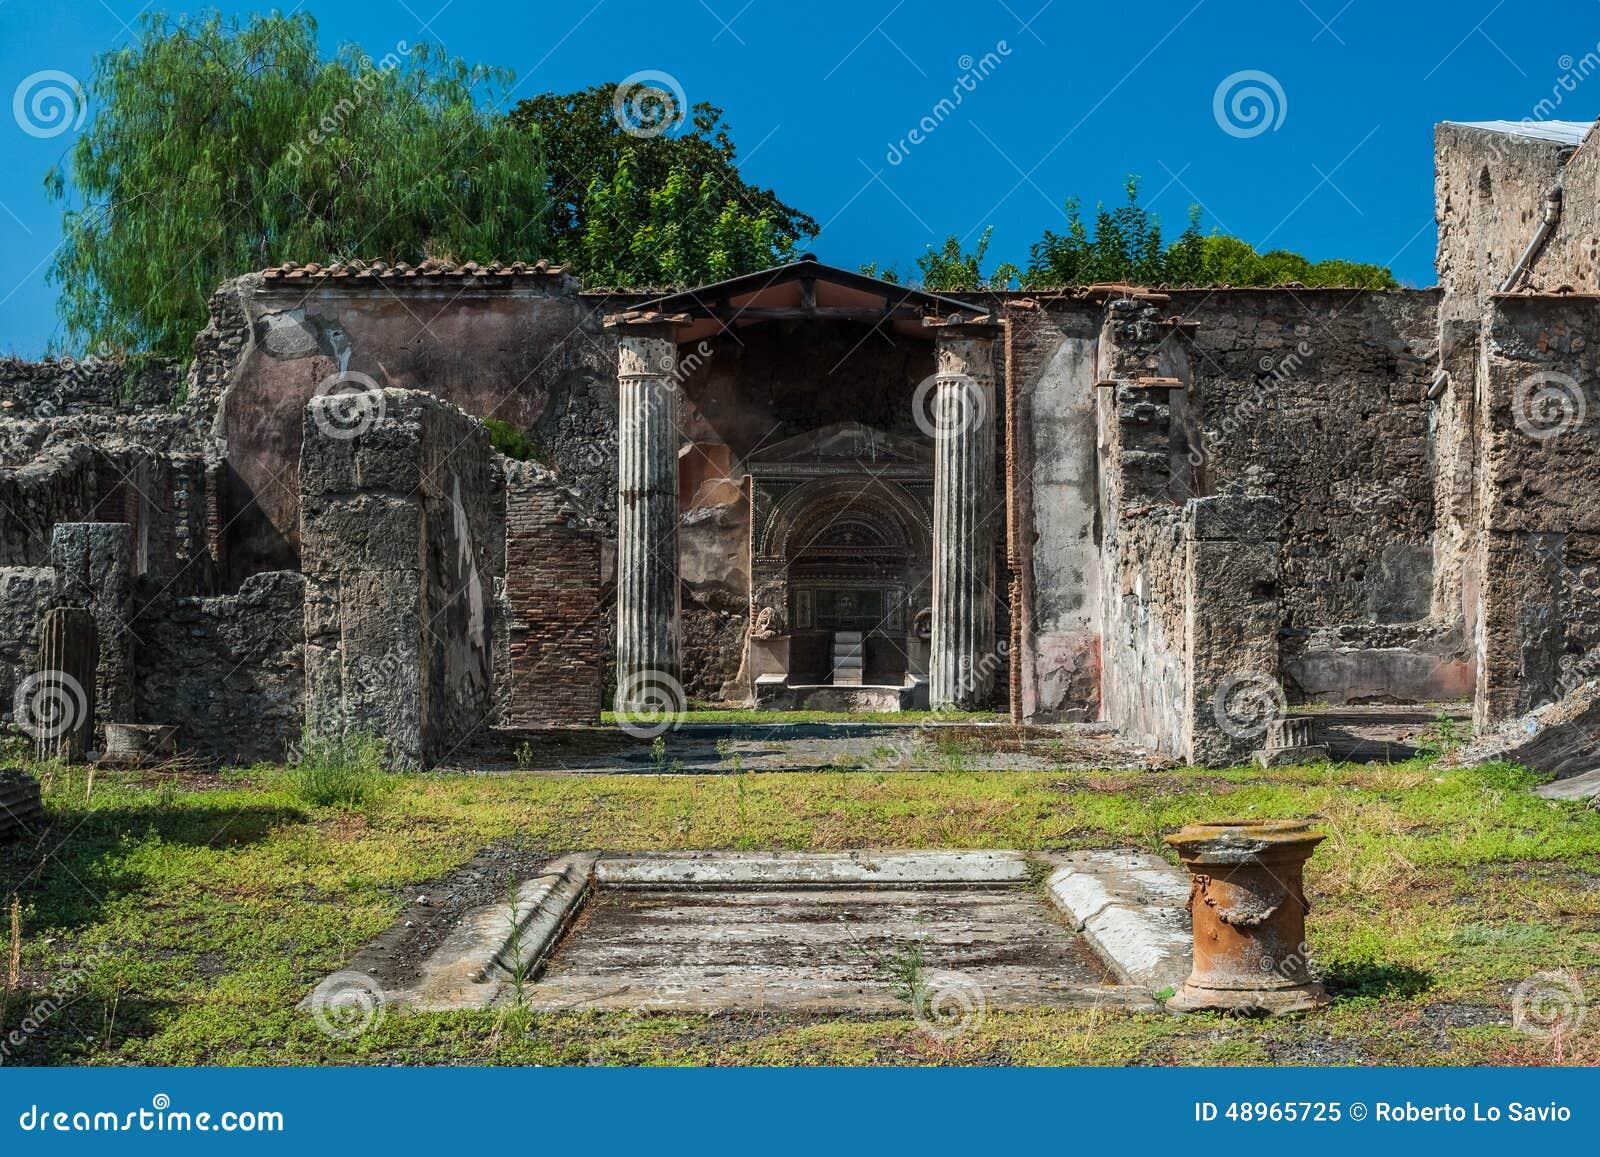 Ancient roman house stock photo image 48965725 - Maison romaine antique ...